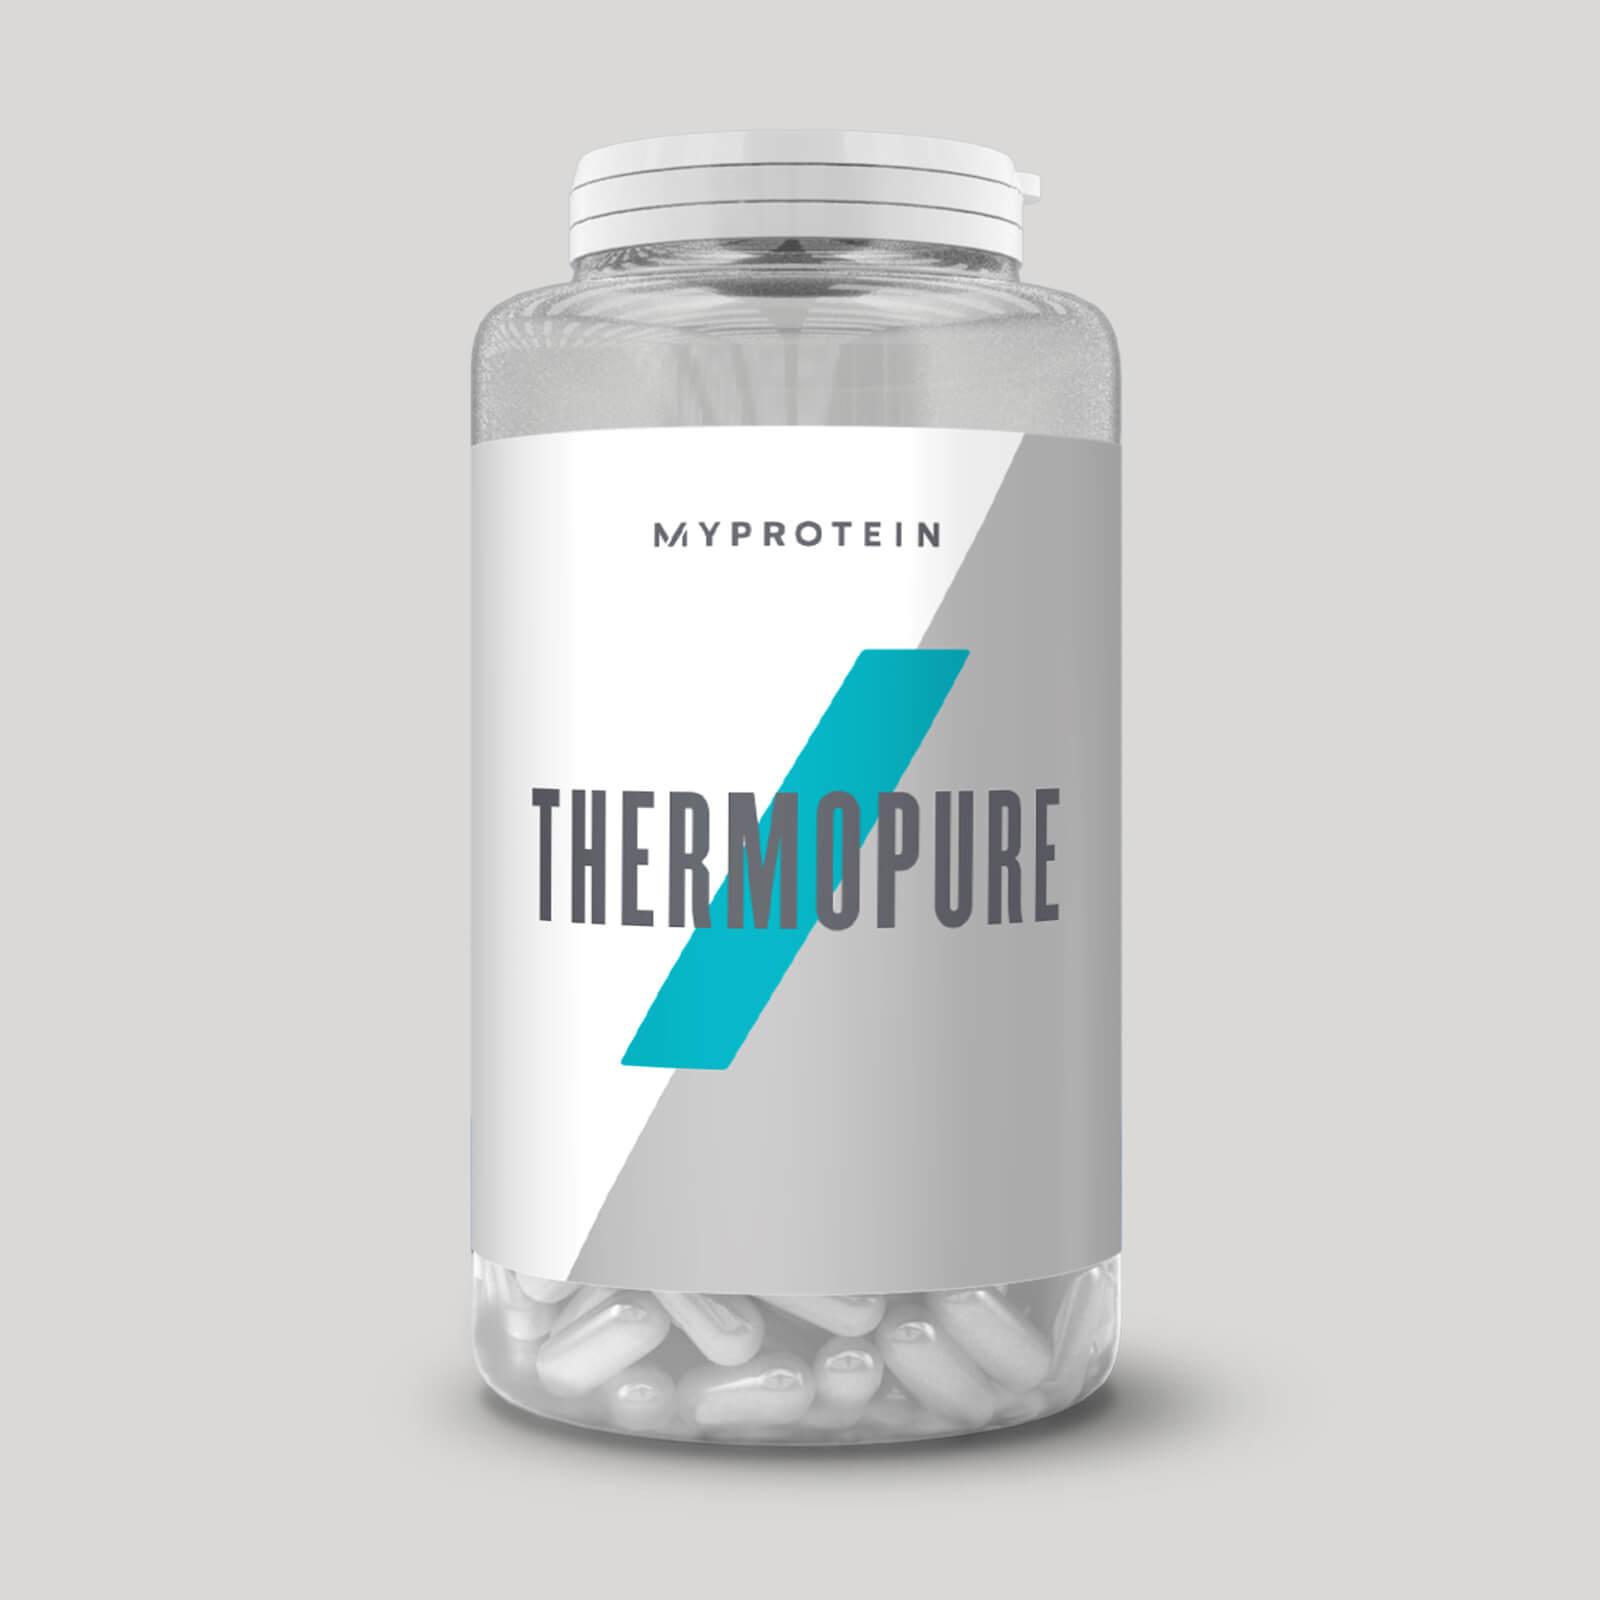 Thermopure (termogénico)